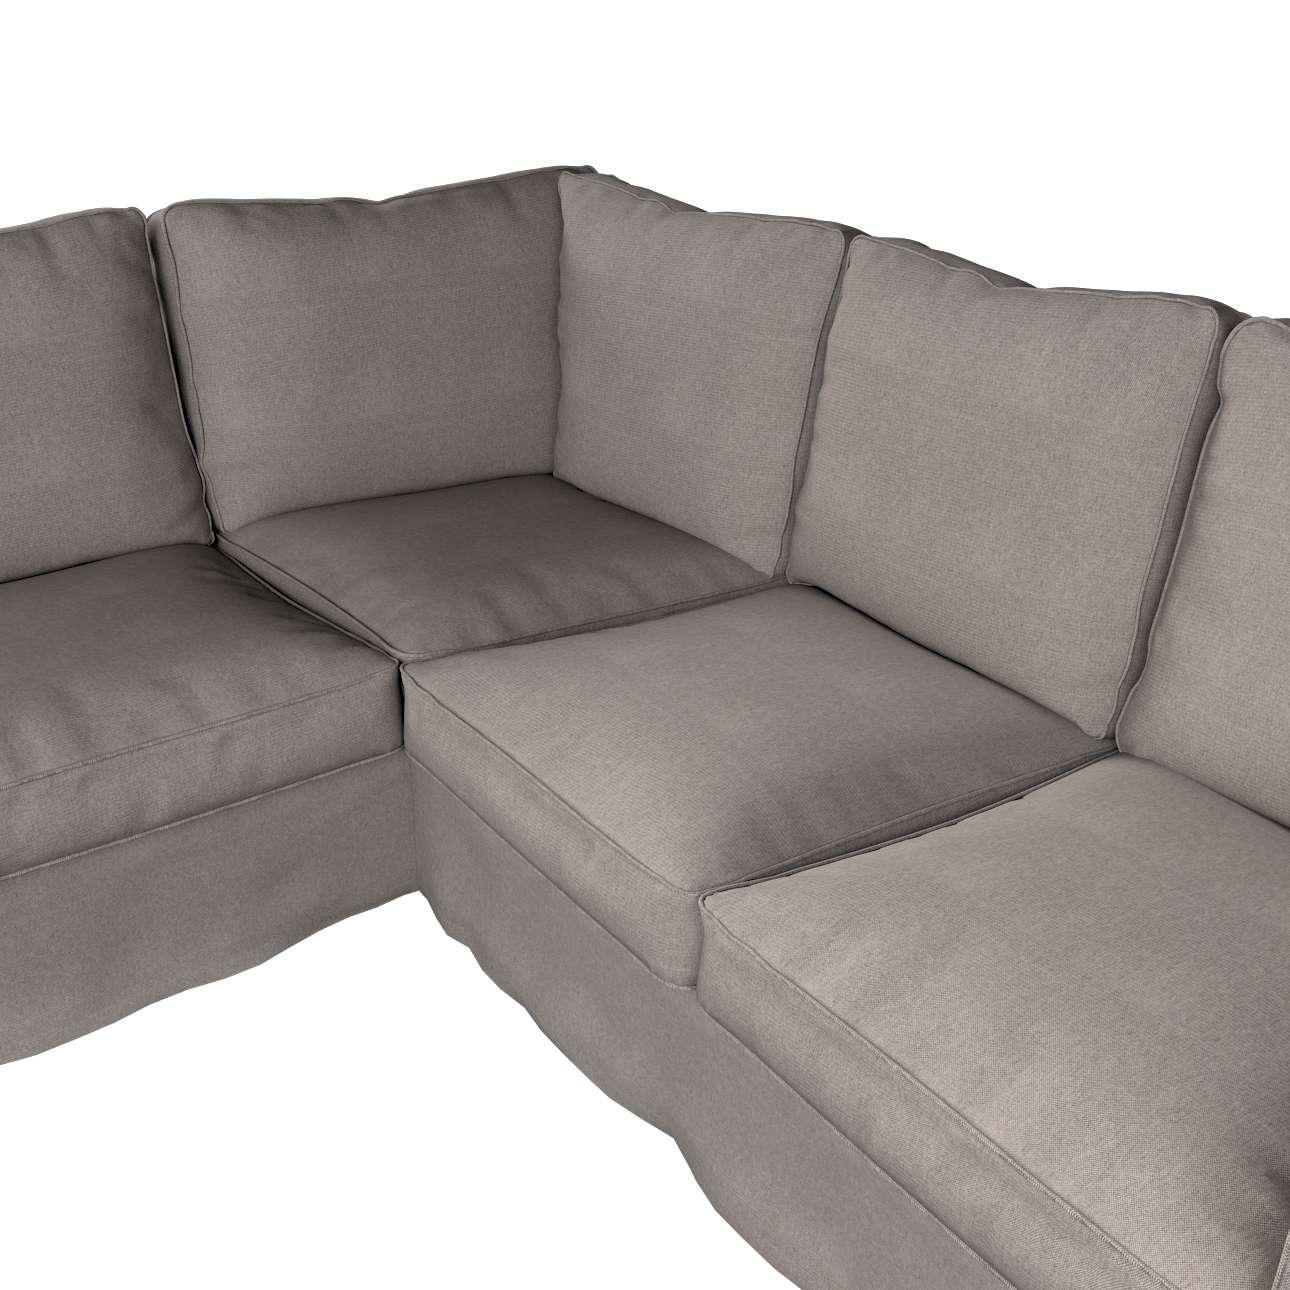 Pokrowiec na sofę narożną Ektorp w kolekcji Etna, tkanina: 705-09